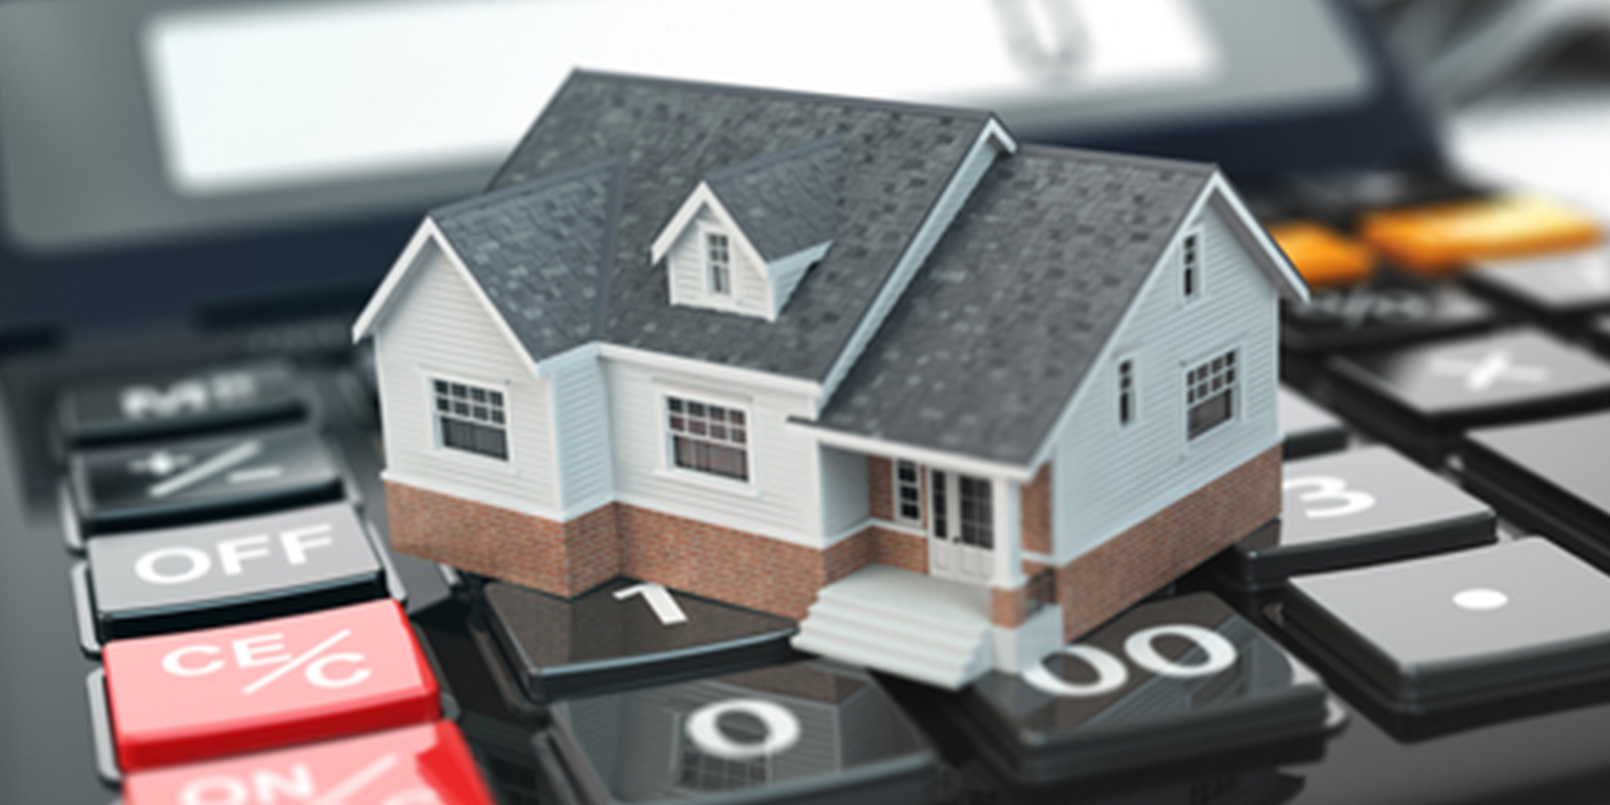 Los varapalos de la justicia europea obligan a retocar el parche de la anterior reforma hipotecaria | Sala de prensa Grupo Asesor ADADE y E-Consulting Global Group